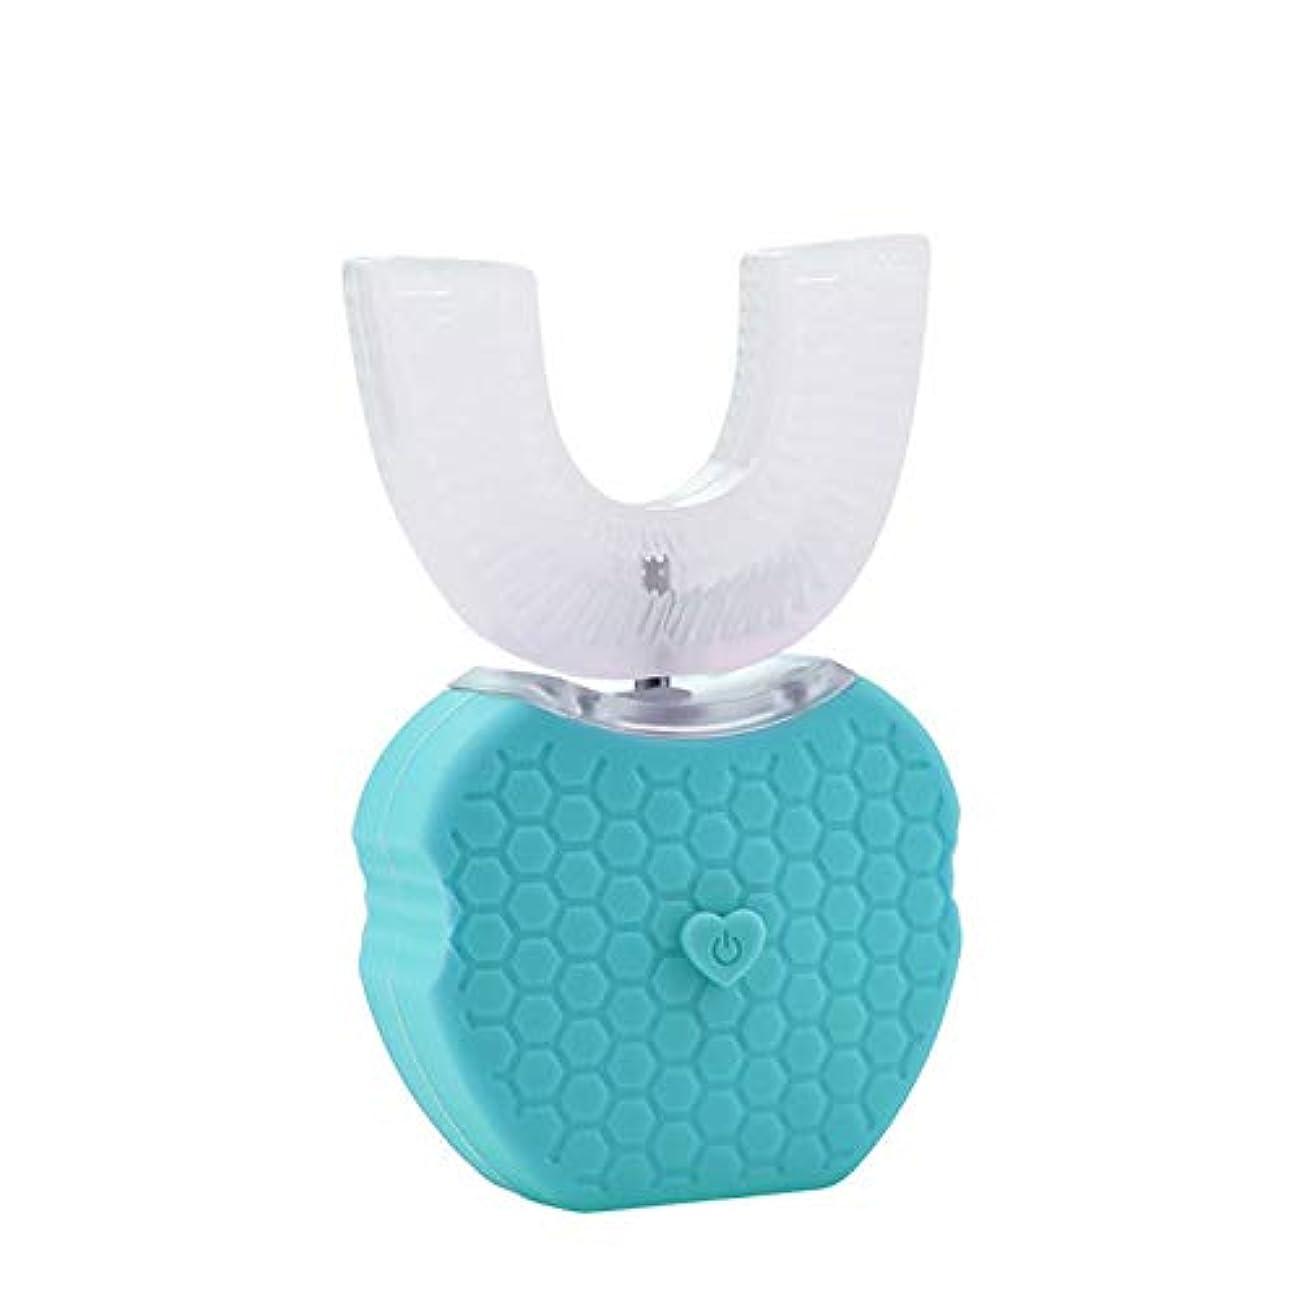 話をする目的気付くフルオートマチック可変周波数電動歯ブラシ、自動360度U字型電動歯ブラシ、ワイヤレス充電IPX7防水自動歯ブラシ(大人用),Blue